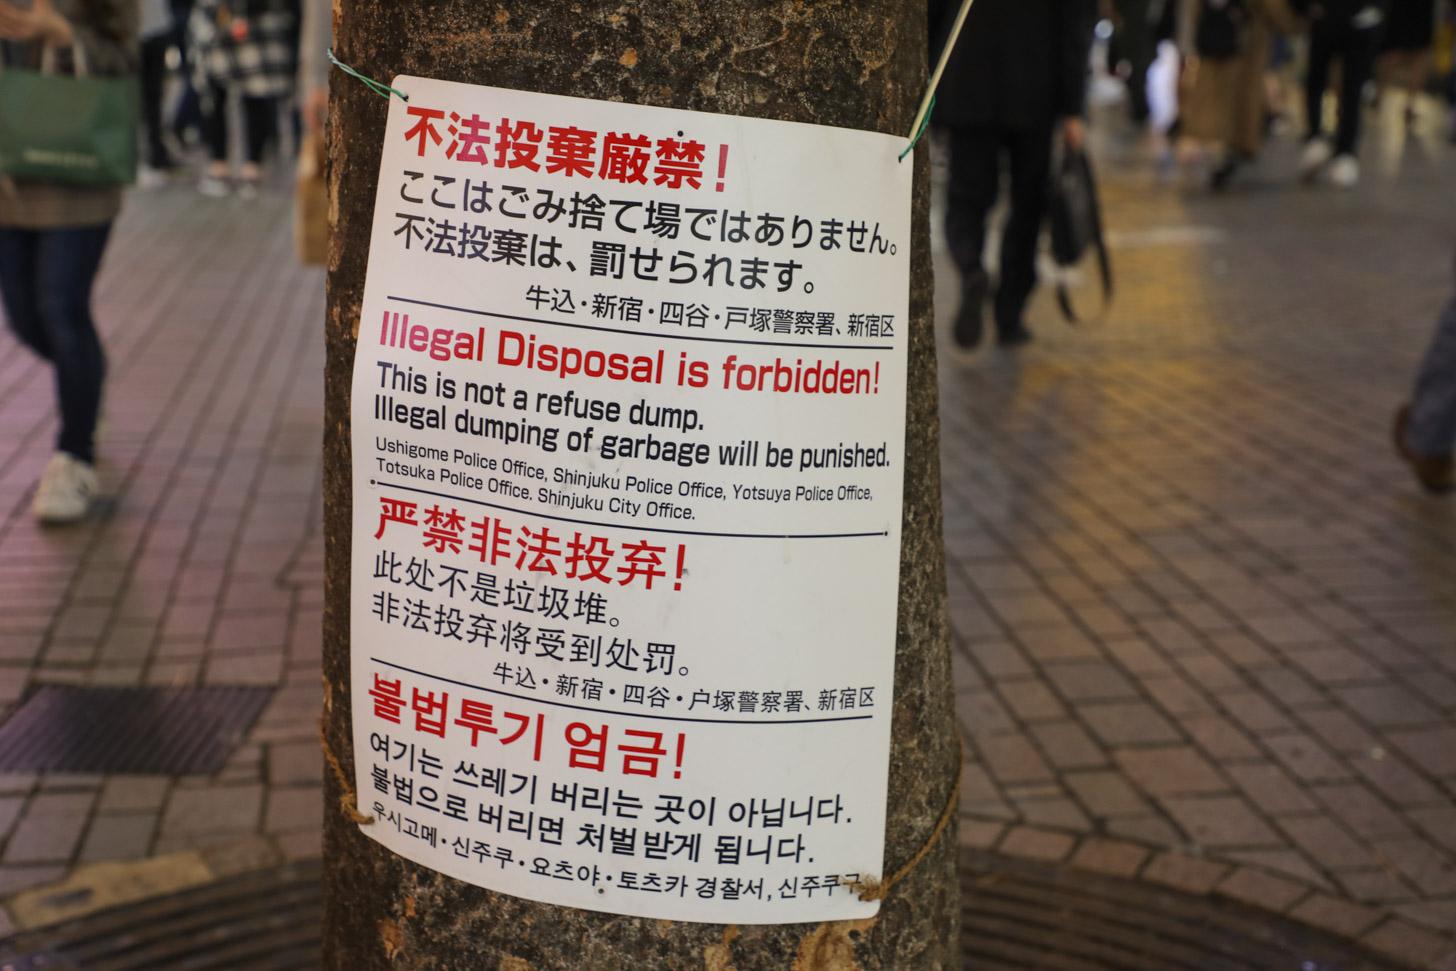 geen afval dumpen op straat